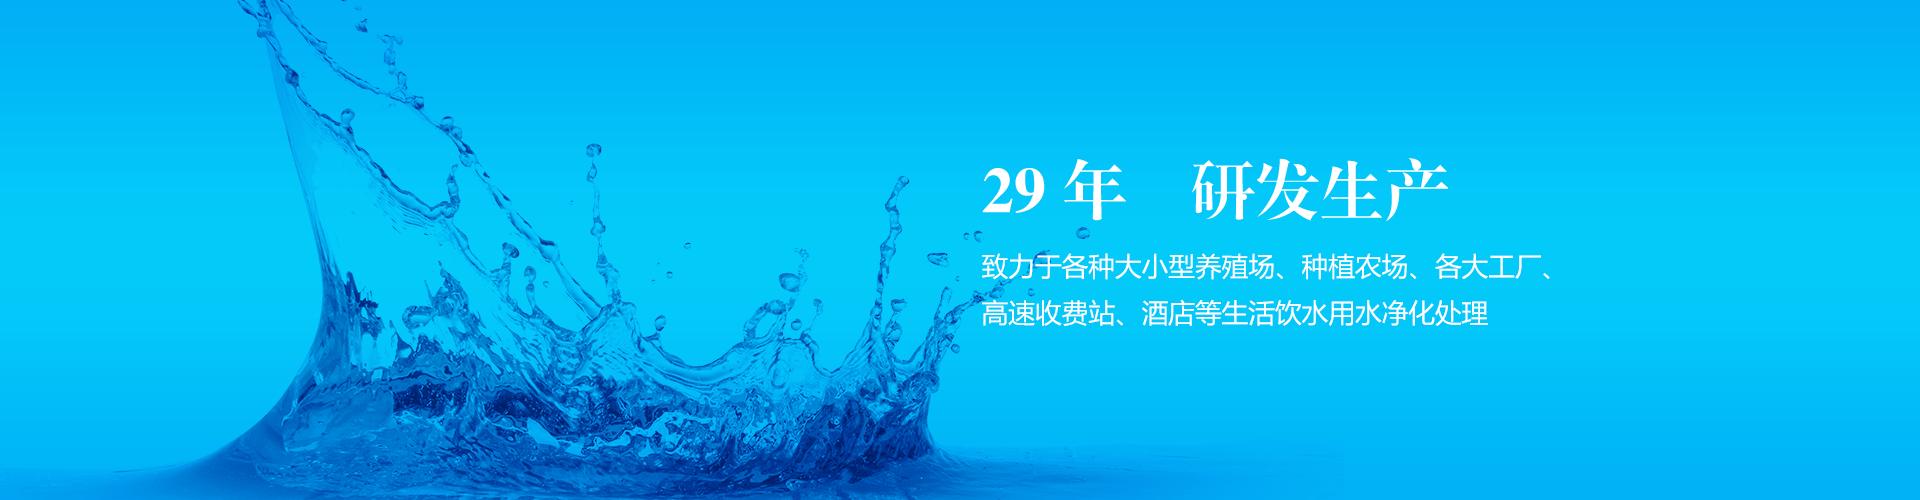 饮用水净化处理